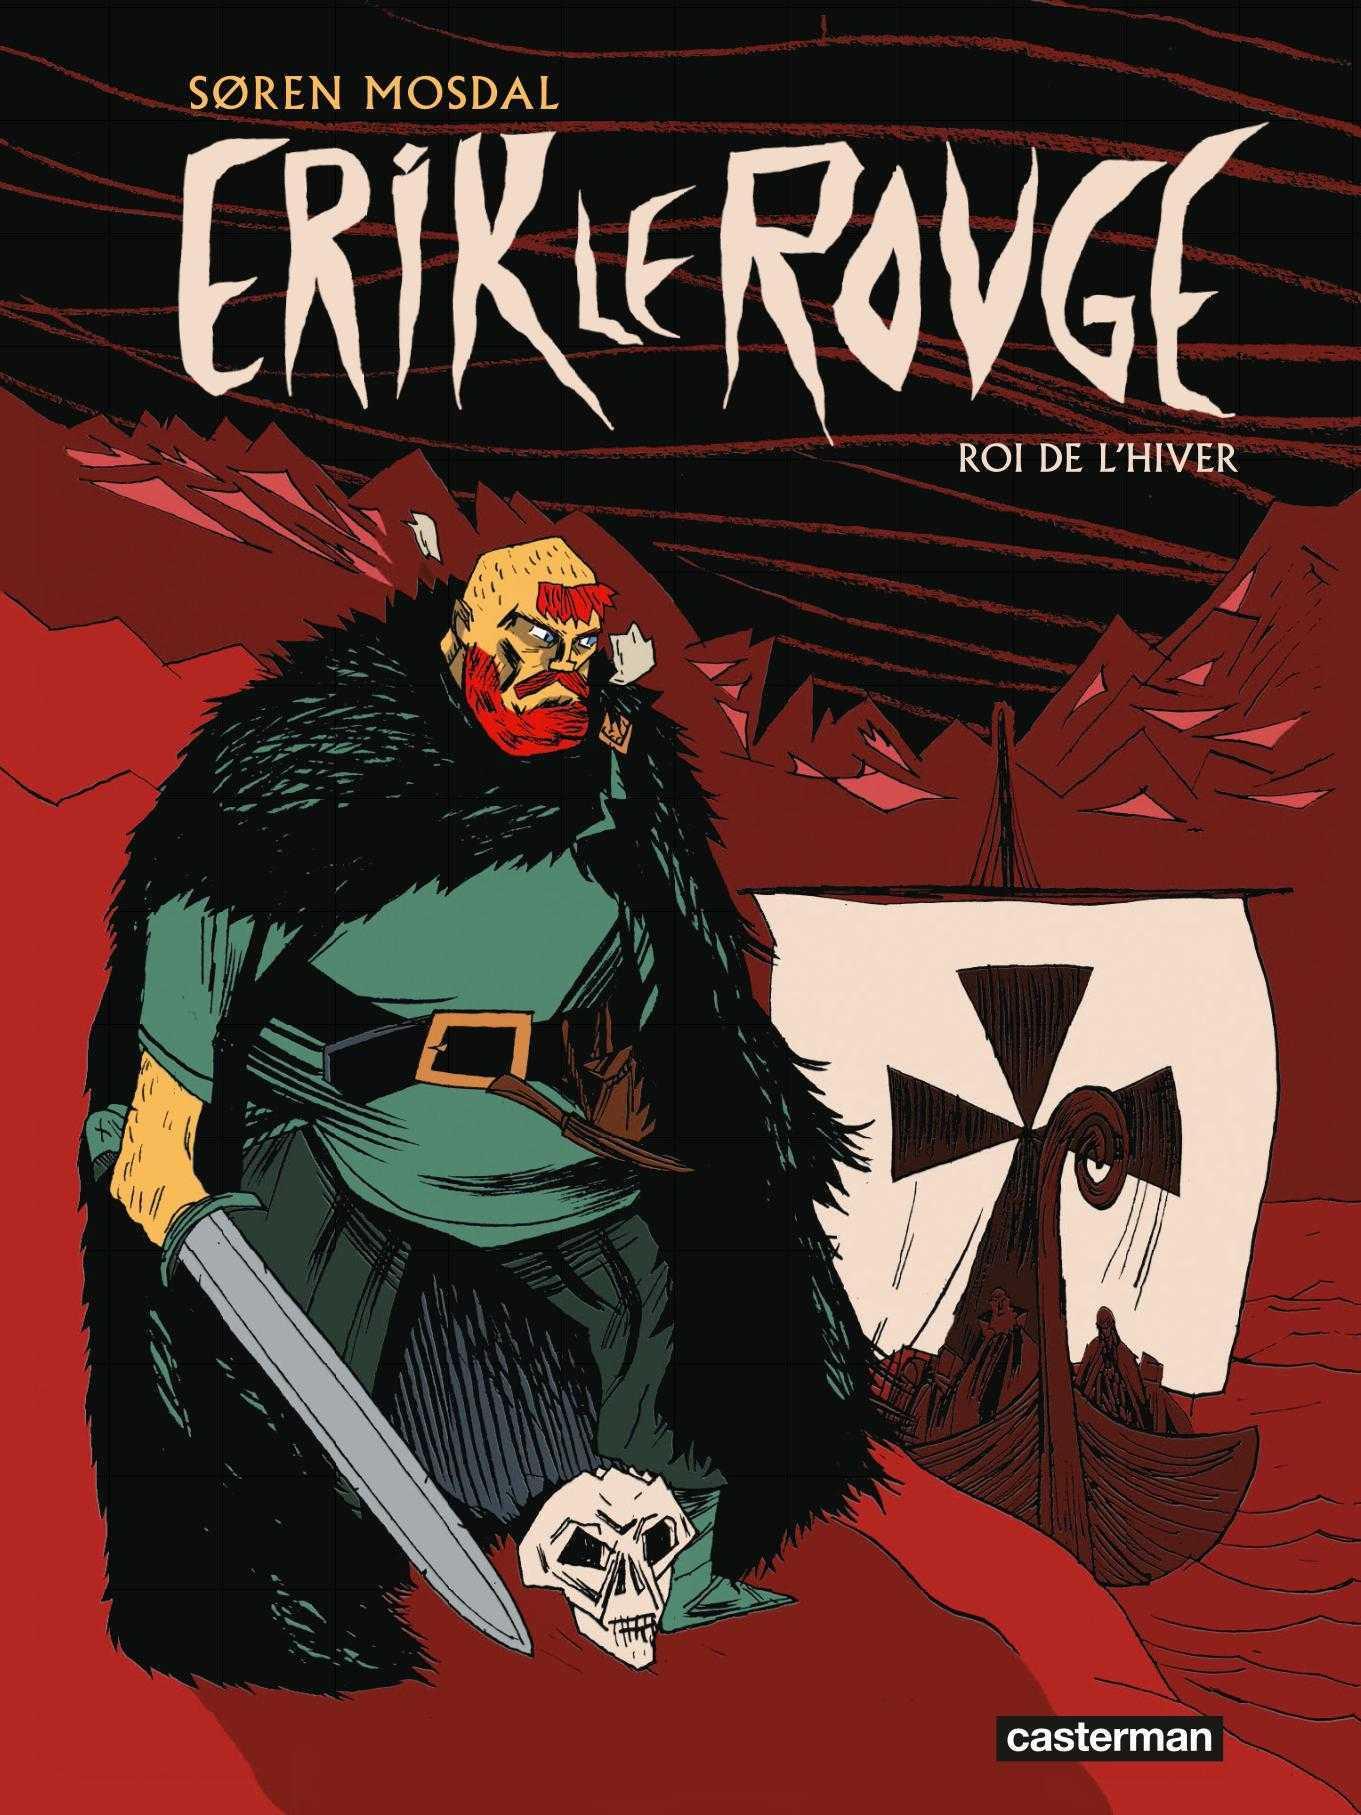 Rencontre avec Søren Mosdal qui raconte la saga d'Erik Le Rouge